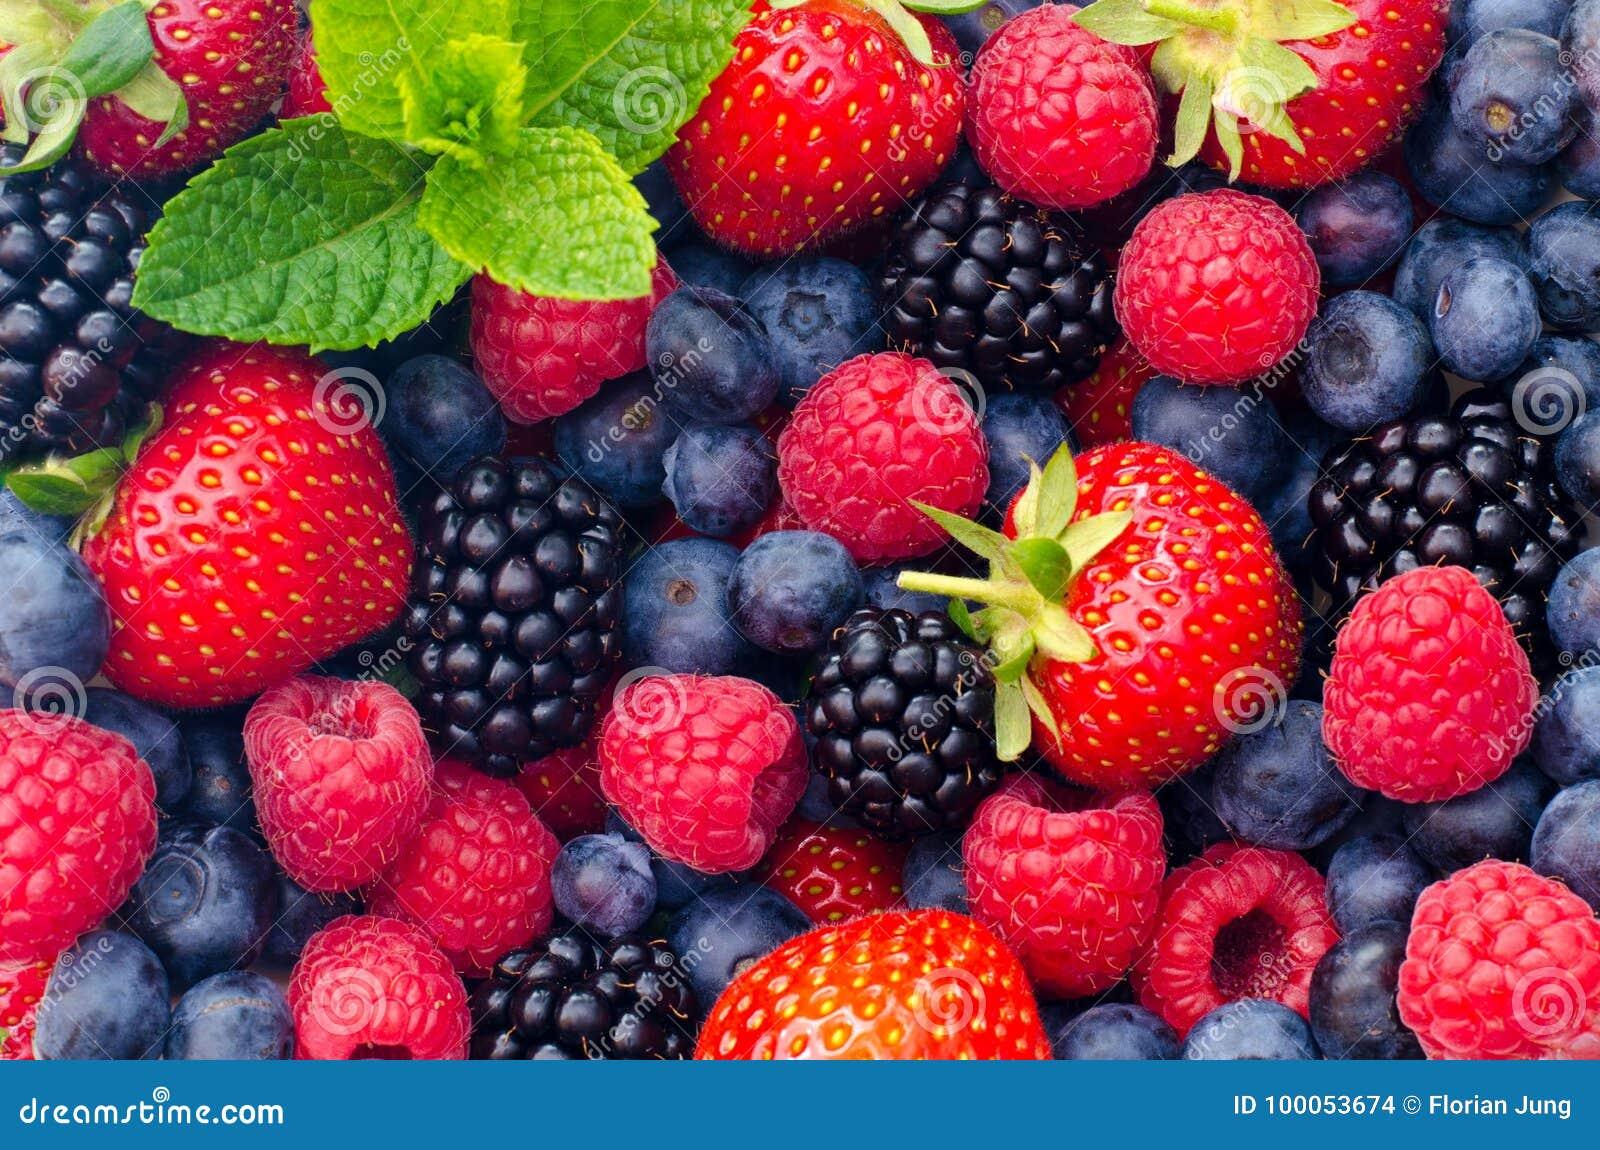 Lösa bärjordgubbar, blåbär, björnbär, hallon - Closeupfoto